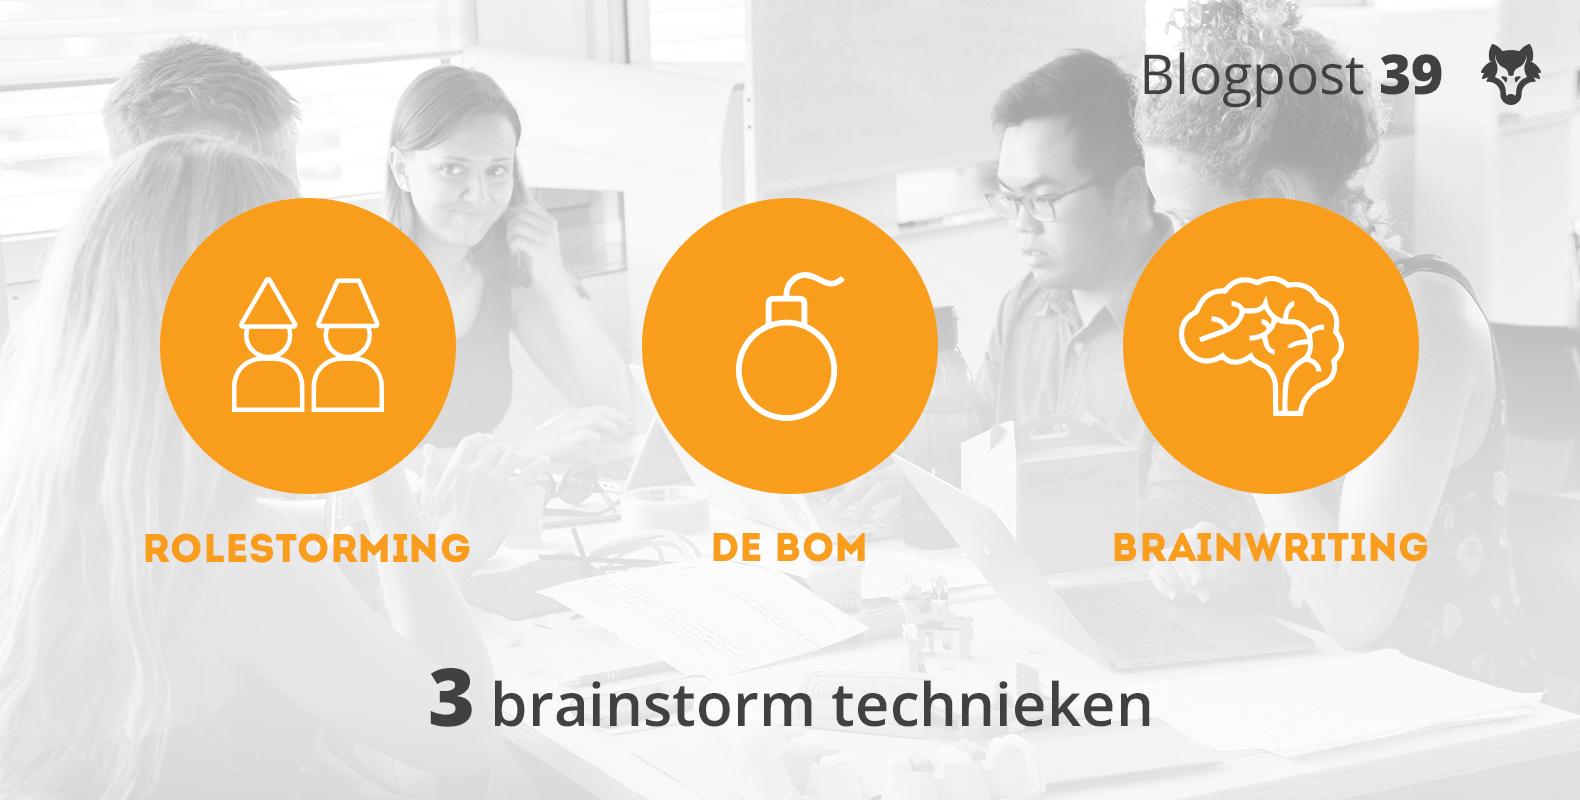 Drie brainstorm technieken voor creatieve denkprocessen